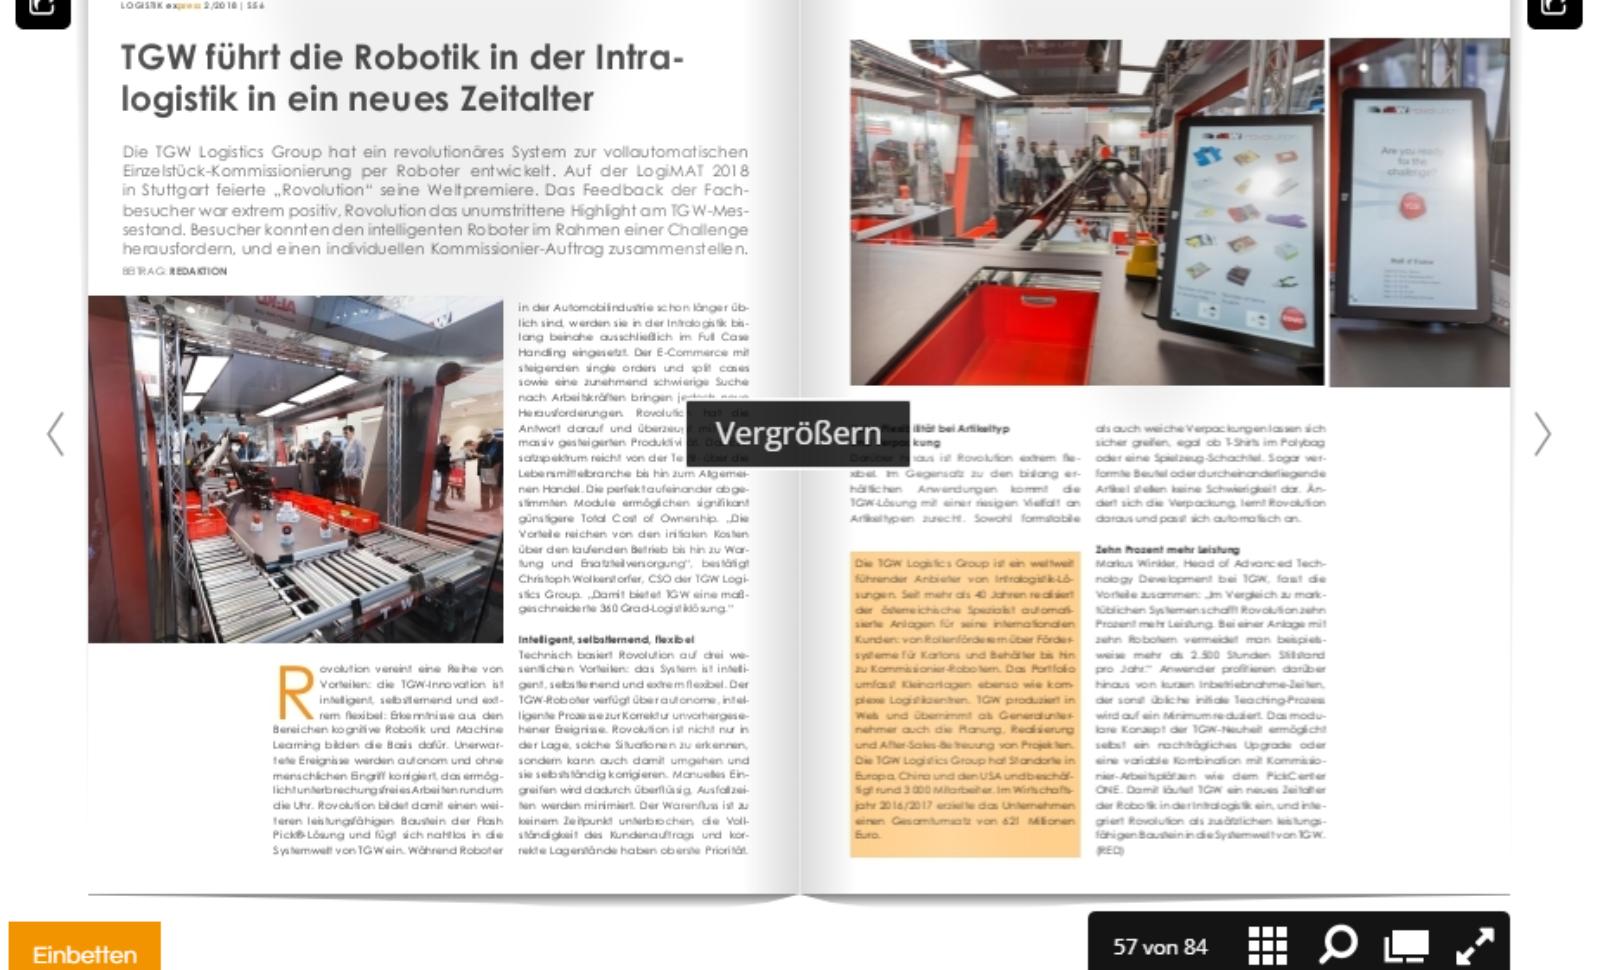 TGW führt die Robotik in der Intralogistik in ein neues Zeitalter